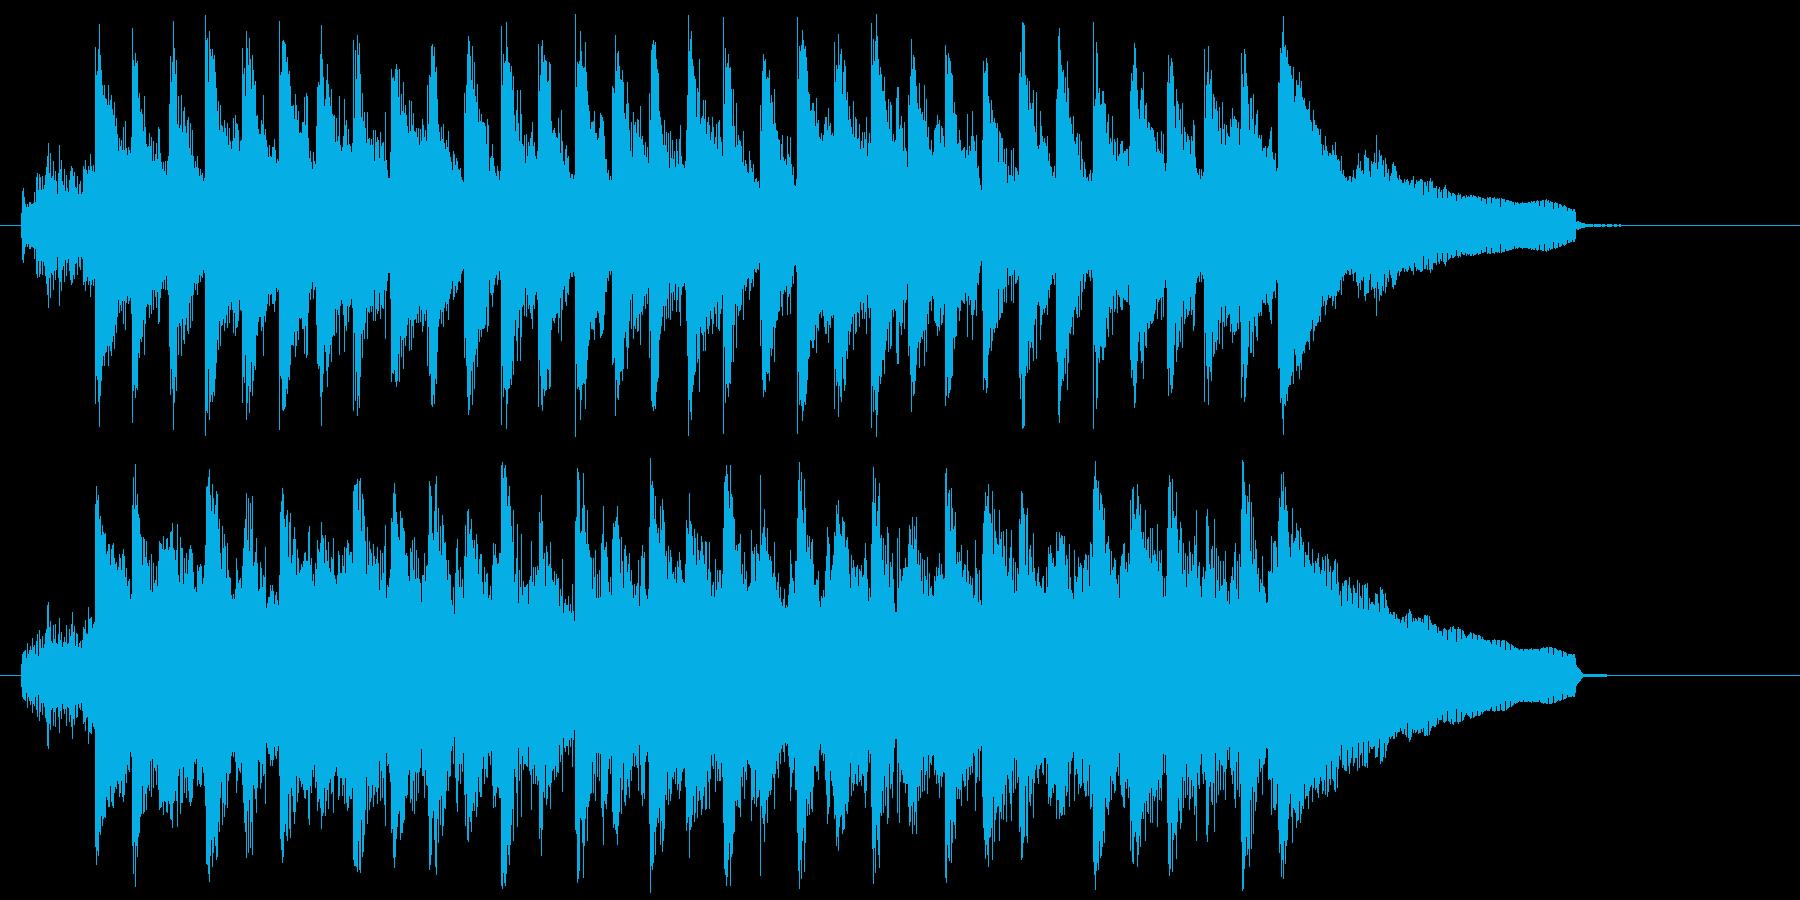 冬にピッタリなコーポレート系ジングル♪の再生済みの波形